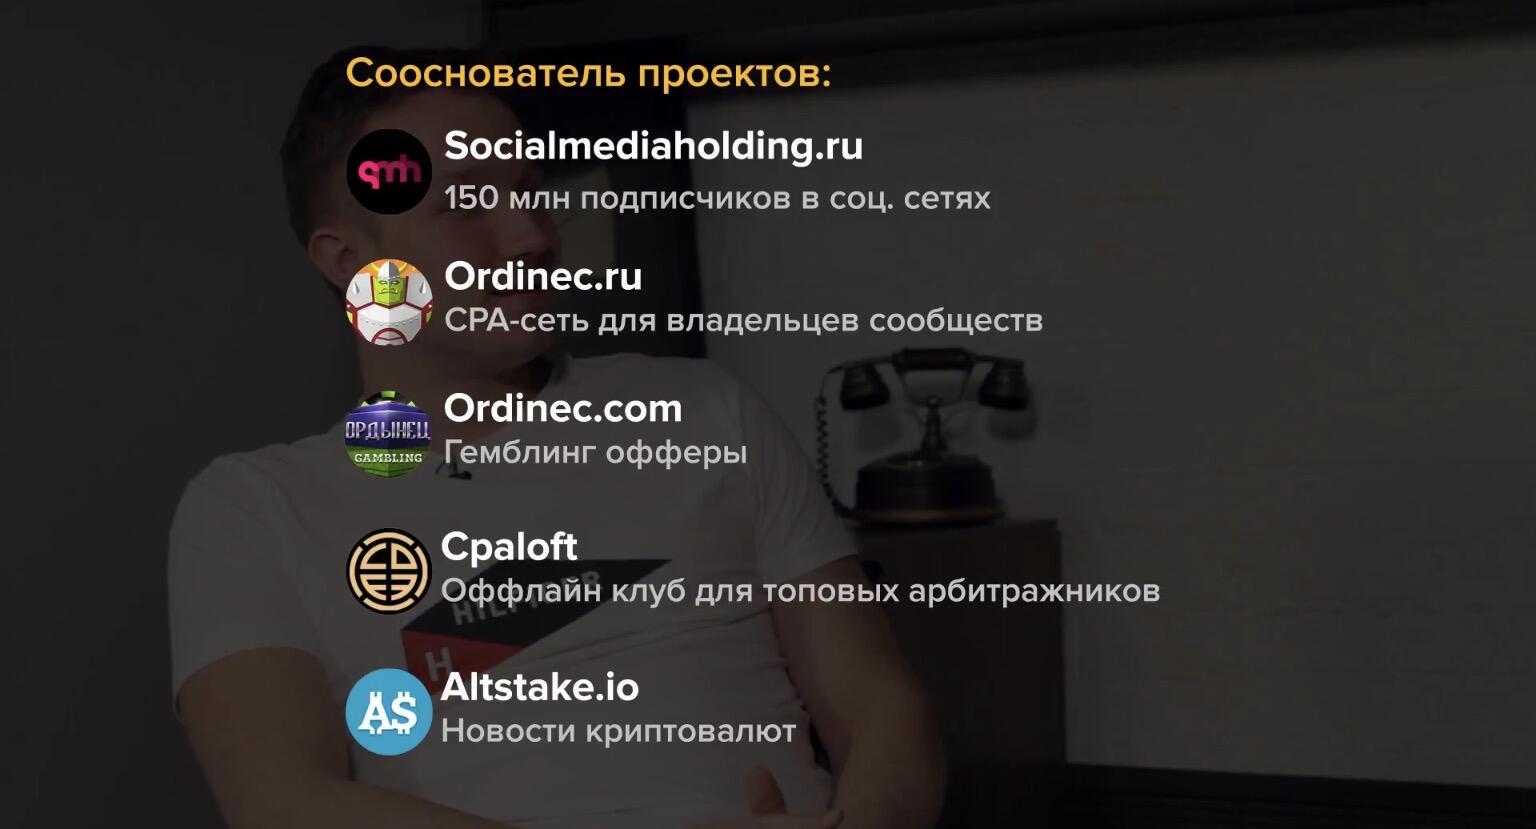 Интервью с Артемом Прокофьевым (Ордынец), ч. 1: заработок на пабликах